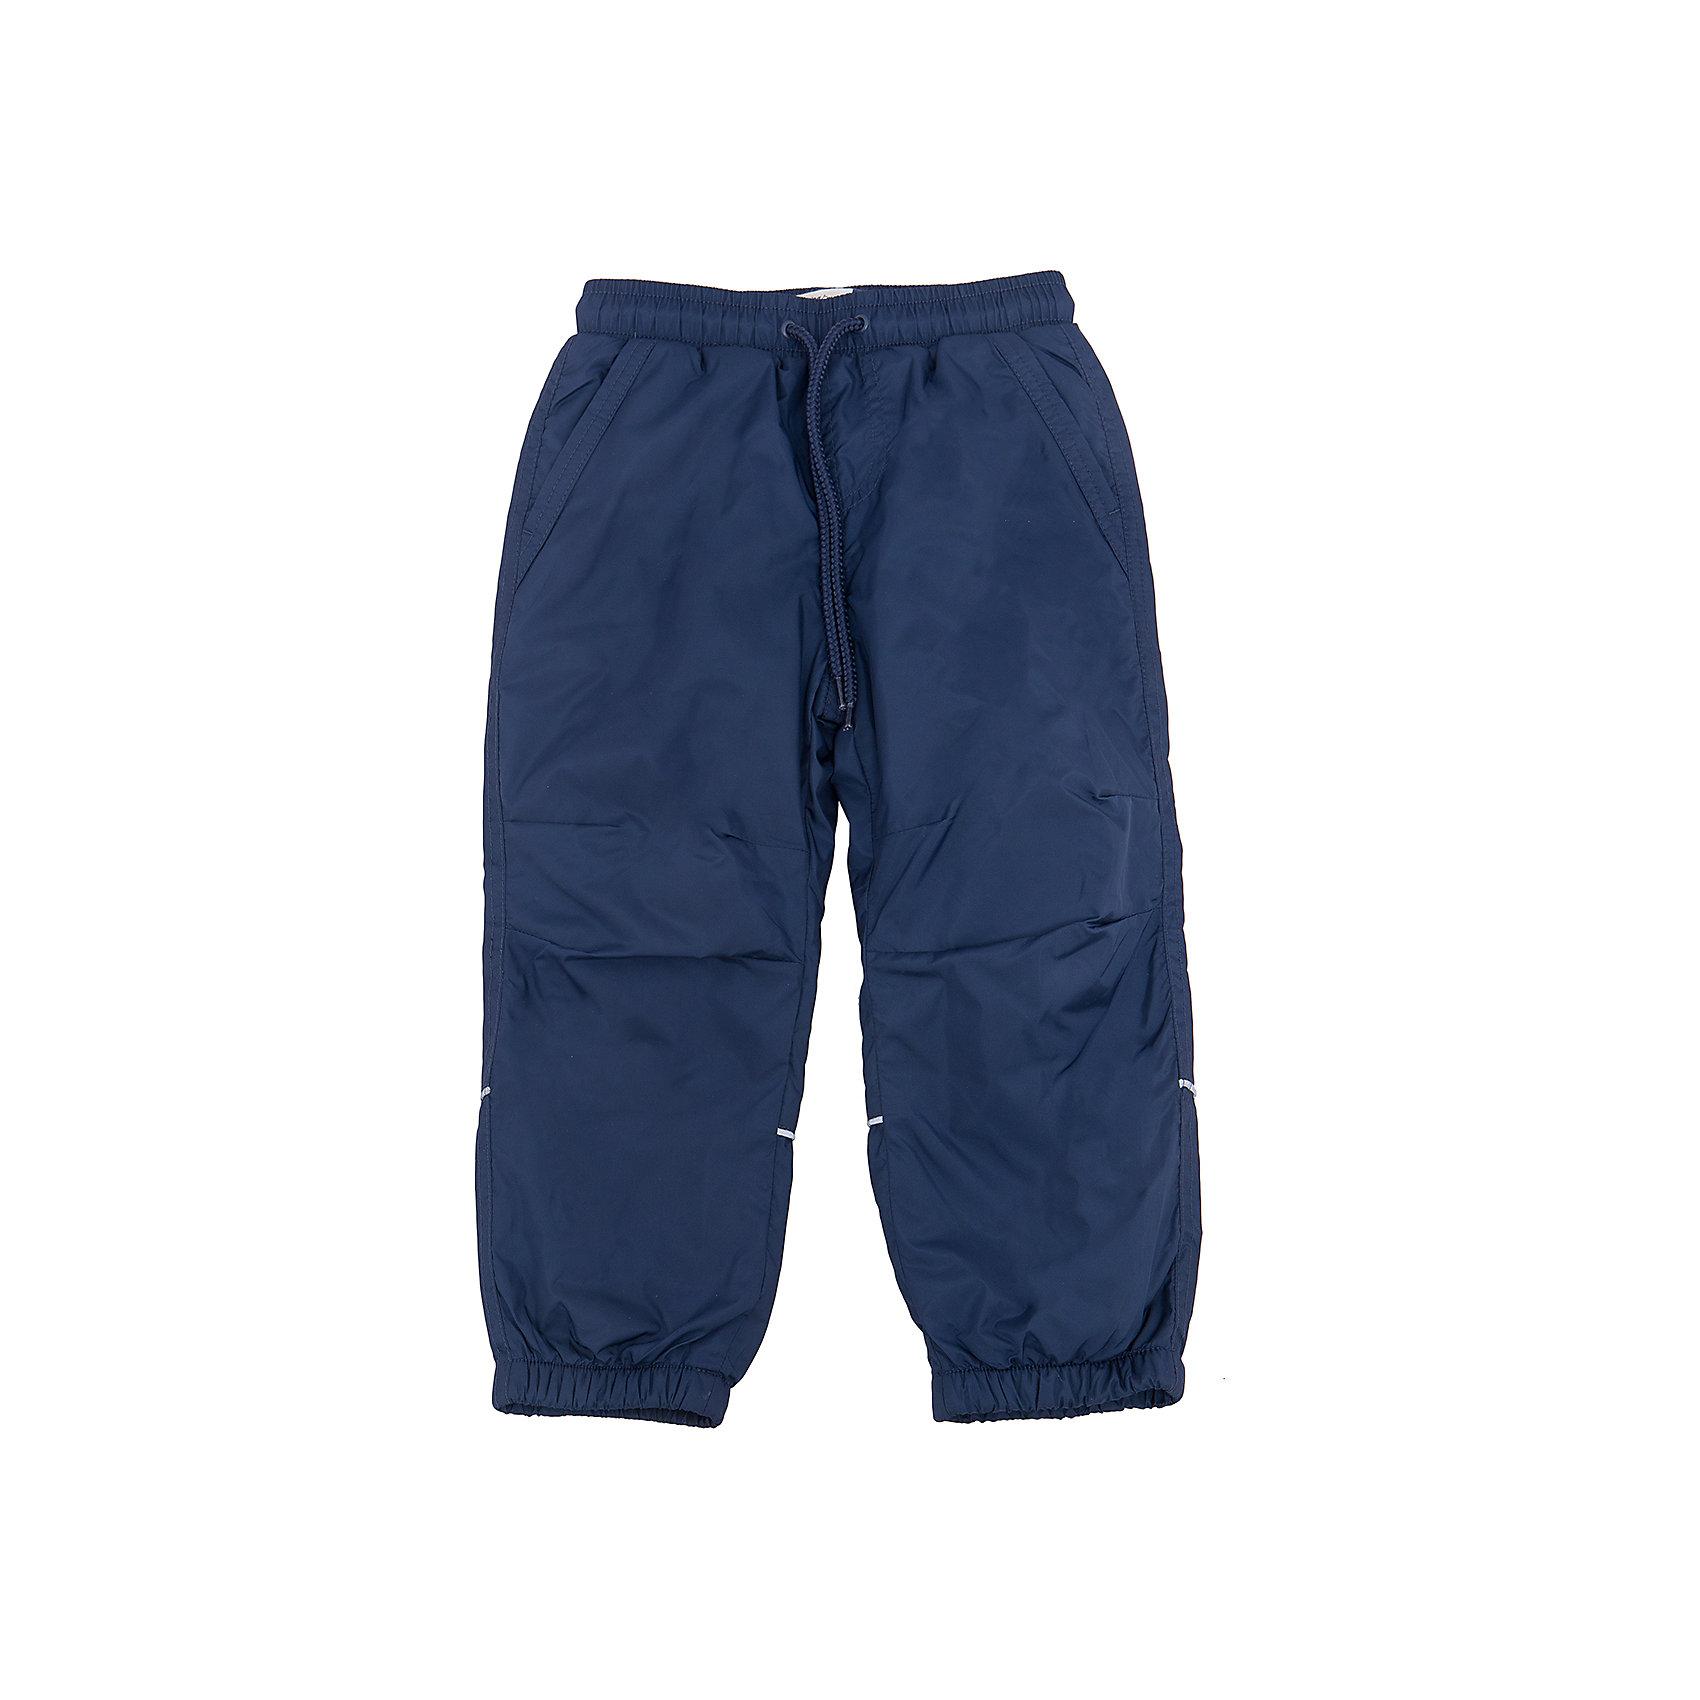 Брюки для мальчика SELAСпортивная одежда<br>Характеристики товара:<br><br>• цвет: тёмно-синий<br>• состав: верх: 100% полиэстер, подкладка: 100% полиэстер<br>• температурный режим: от +5° до +15°С<br>• подкладка флис<br>• спортивный стиль<br>• имитация ширинки<br>• светоотражающие детали<br>• два втачных кармана<br>• сзади два накладных кармана на кнопке<br>• пояс: мягкая резинка со шнурком<br>• коллекция весна-лето 2017<br>• страна бренда: Российская Федерация<br><br>Вещи из новой коллекции SELA продолжают радовать удобством! Спортивные брюки помогут разнообразить гардероб и обеспечить комфорт. Они отлично сочетаются с майками, футболками, куртками. В составе материала - натуральный хлопок.<br><br>Одежда, обувь и аксессуары от российского бренда SELA не зря пользуются большой популярностью у детей и взрослых! Модели этой марки - стильные и удобные, цена при этом неизменно остается доступной. Для их производства используются только безопасные, качественные материалы и фурнитура. Новая коллекция поддерживает хорошие традиции бренда! <br><br>Брюки для мальчика от популярного бренда SELA (СЕЛА) можно купить в нашем интернет-магазине.<br><br>Ширина мм: 215<br>Глубина мм: 88<br>Высота мм: 191<br>Вес г: 336<br>Цвет: синий<br>Возраст от месяцев: 60<br>Возраст до месяцев: 72<br>Пол: Мужской<br>Возраст: Детский<br>Размер: 116,92,98,104,110<br>SKU: 5302674